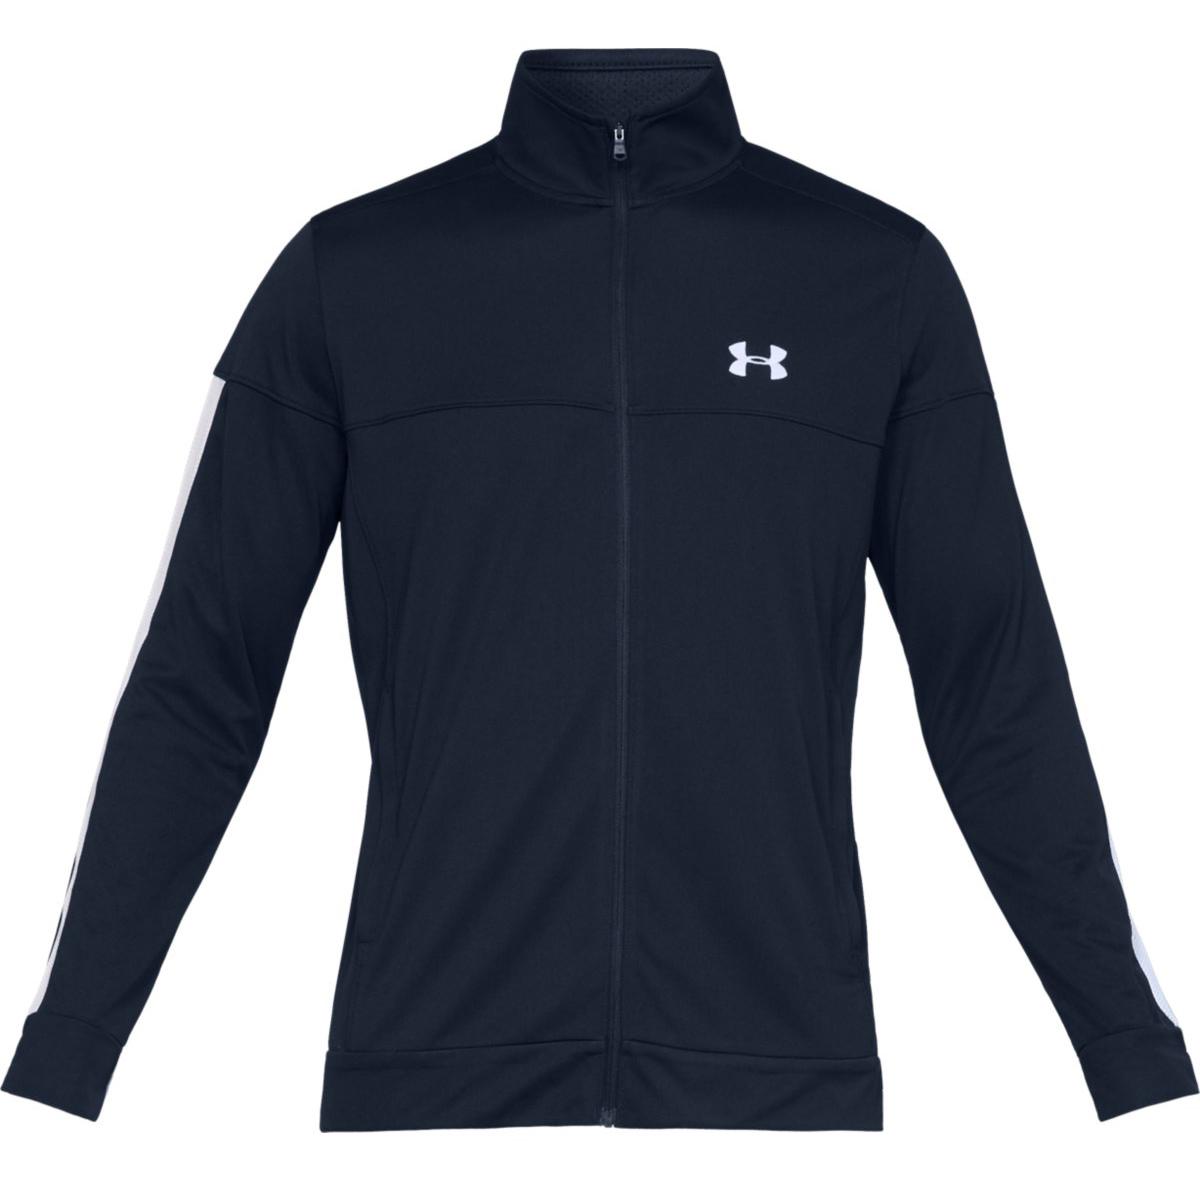 Under Armour Men's Ua Sportstyle Pique Jacket - Blue, XXL